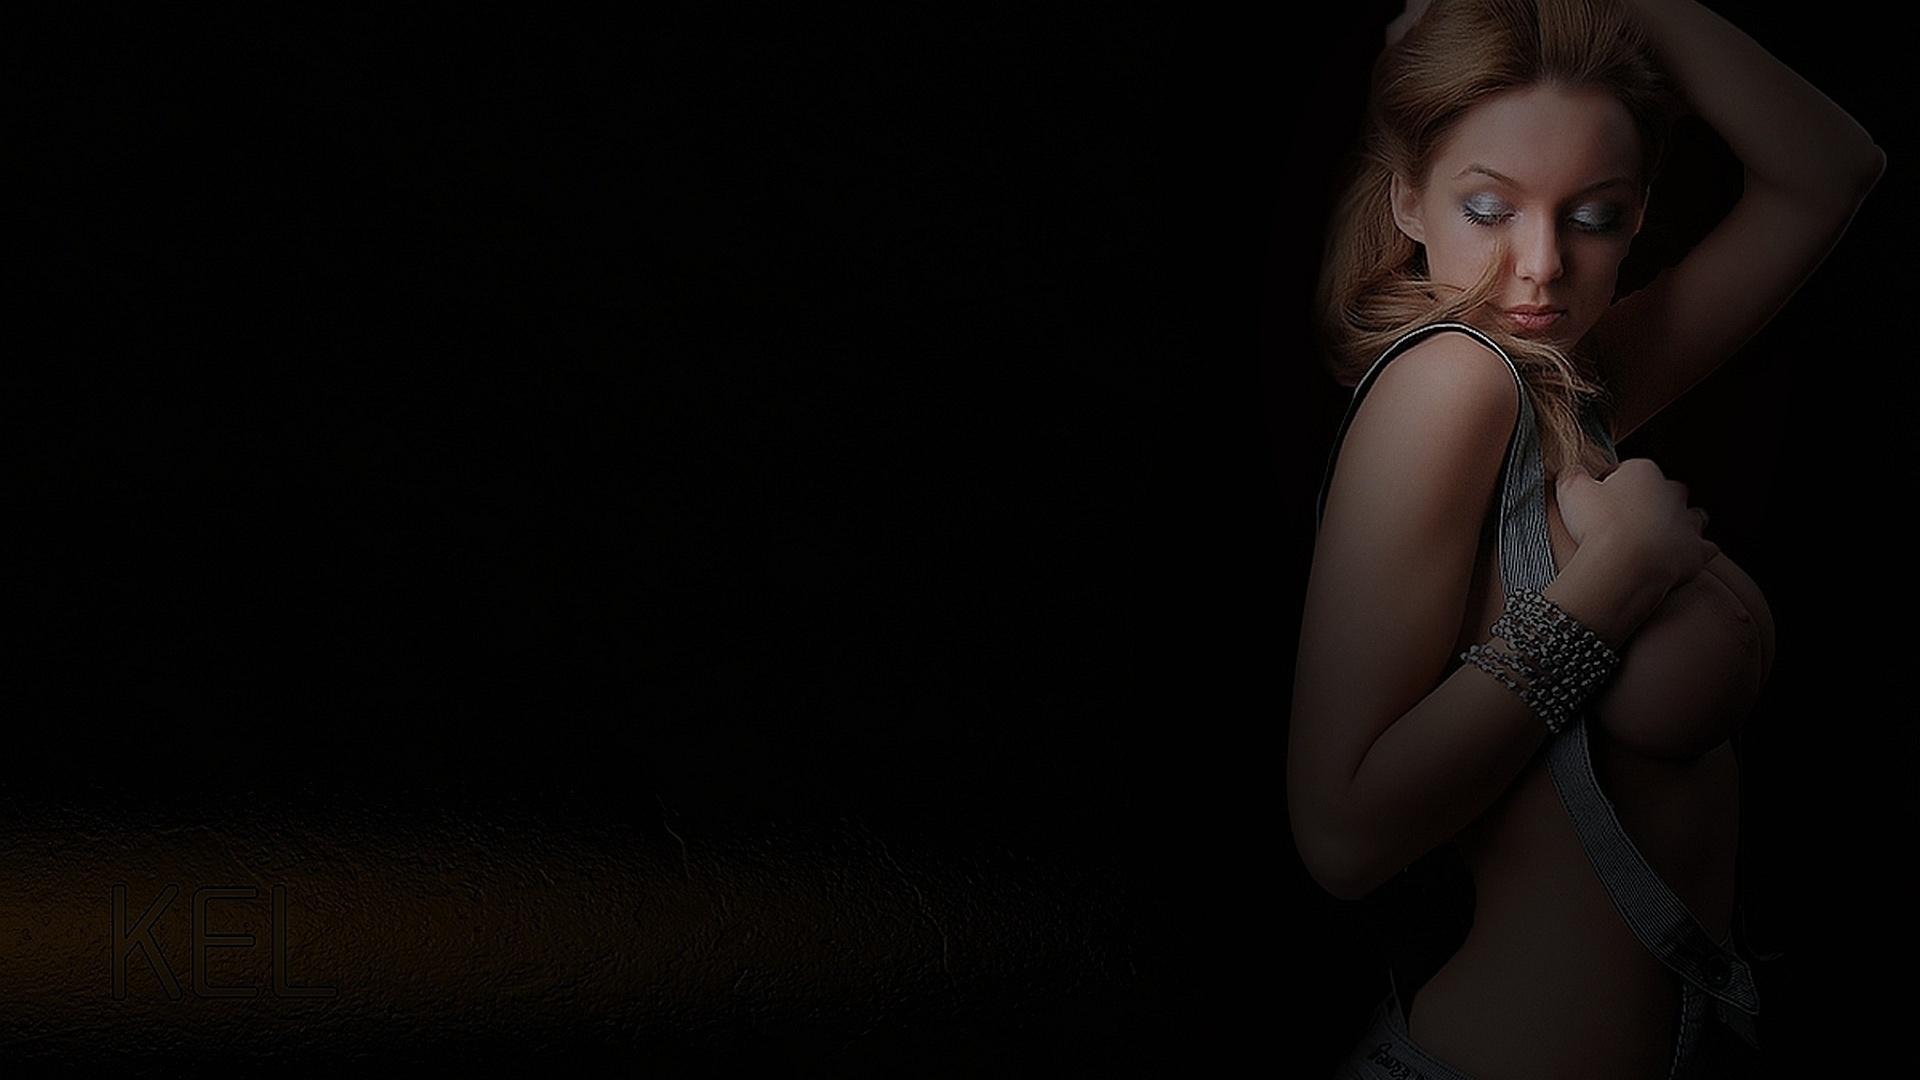 Сиськи в стекле, Голые сиськи малышек за стеклом (15 фото эротики) 25 фотография